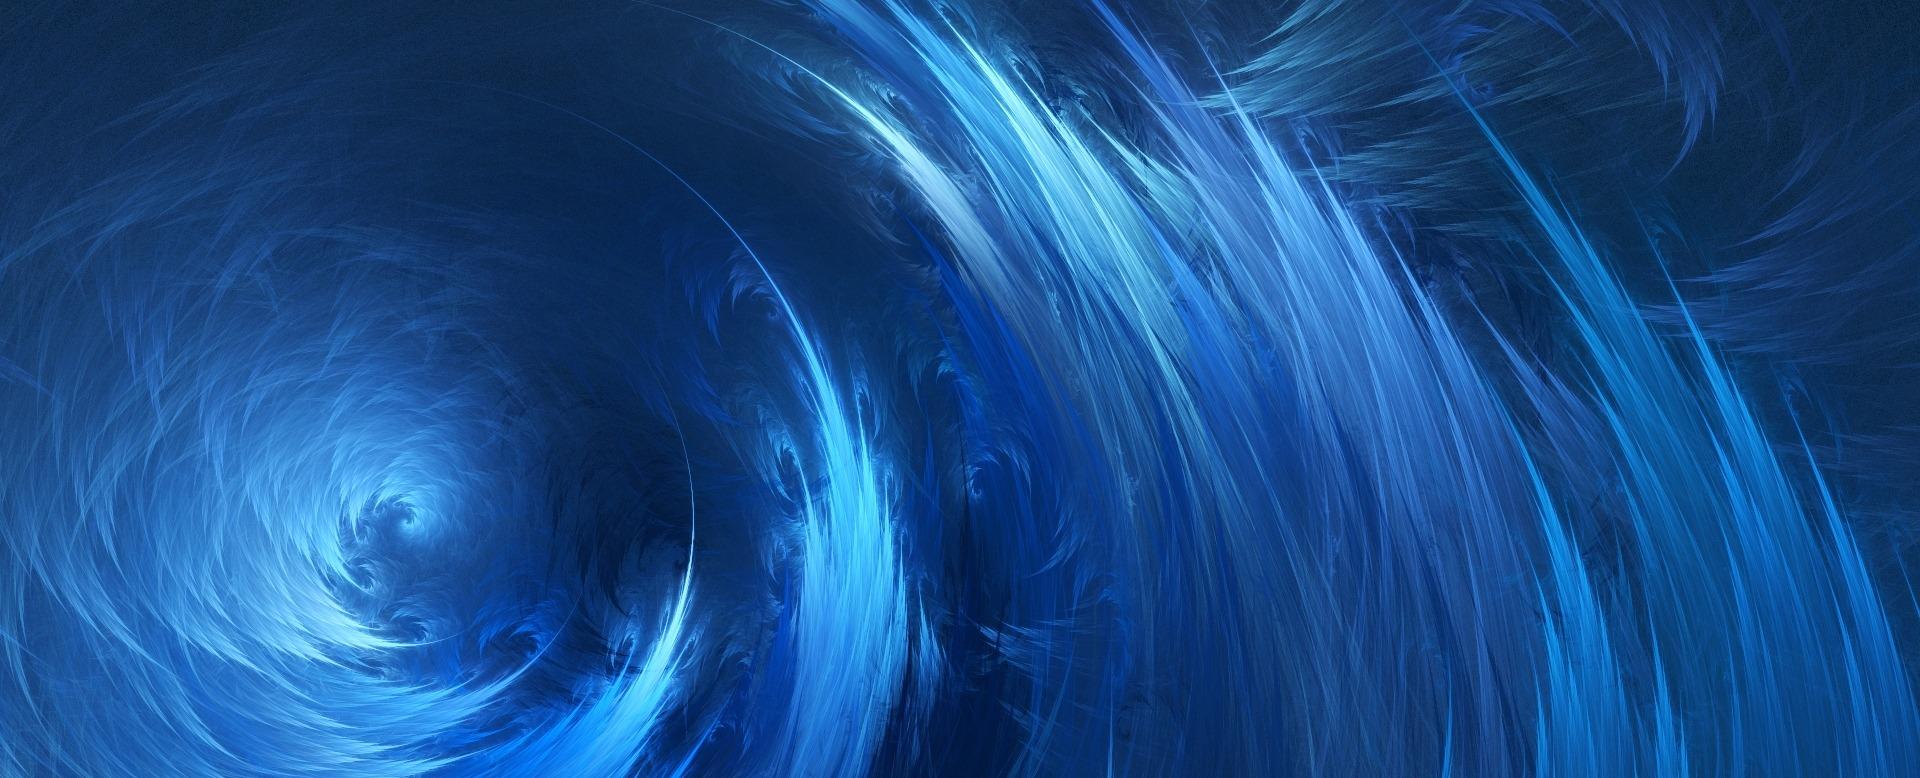 Abstrakta blåa vågor/virvelvind.